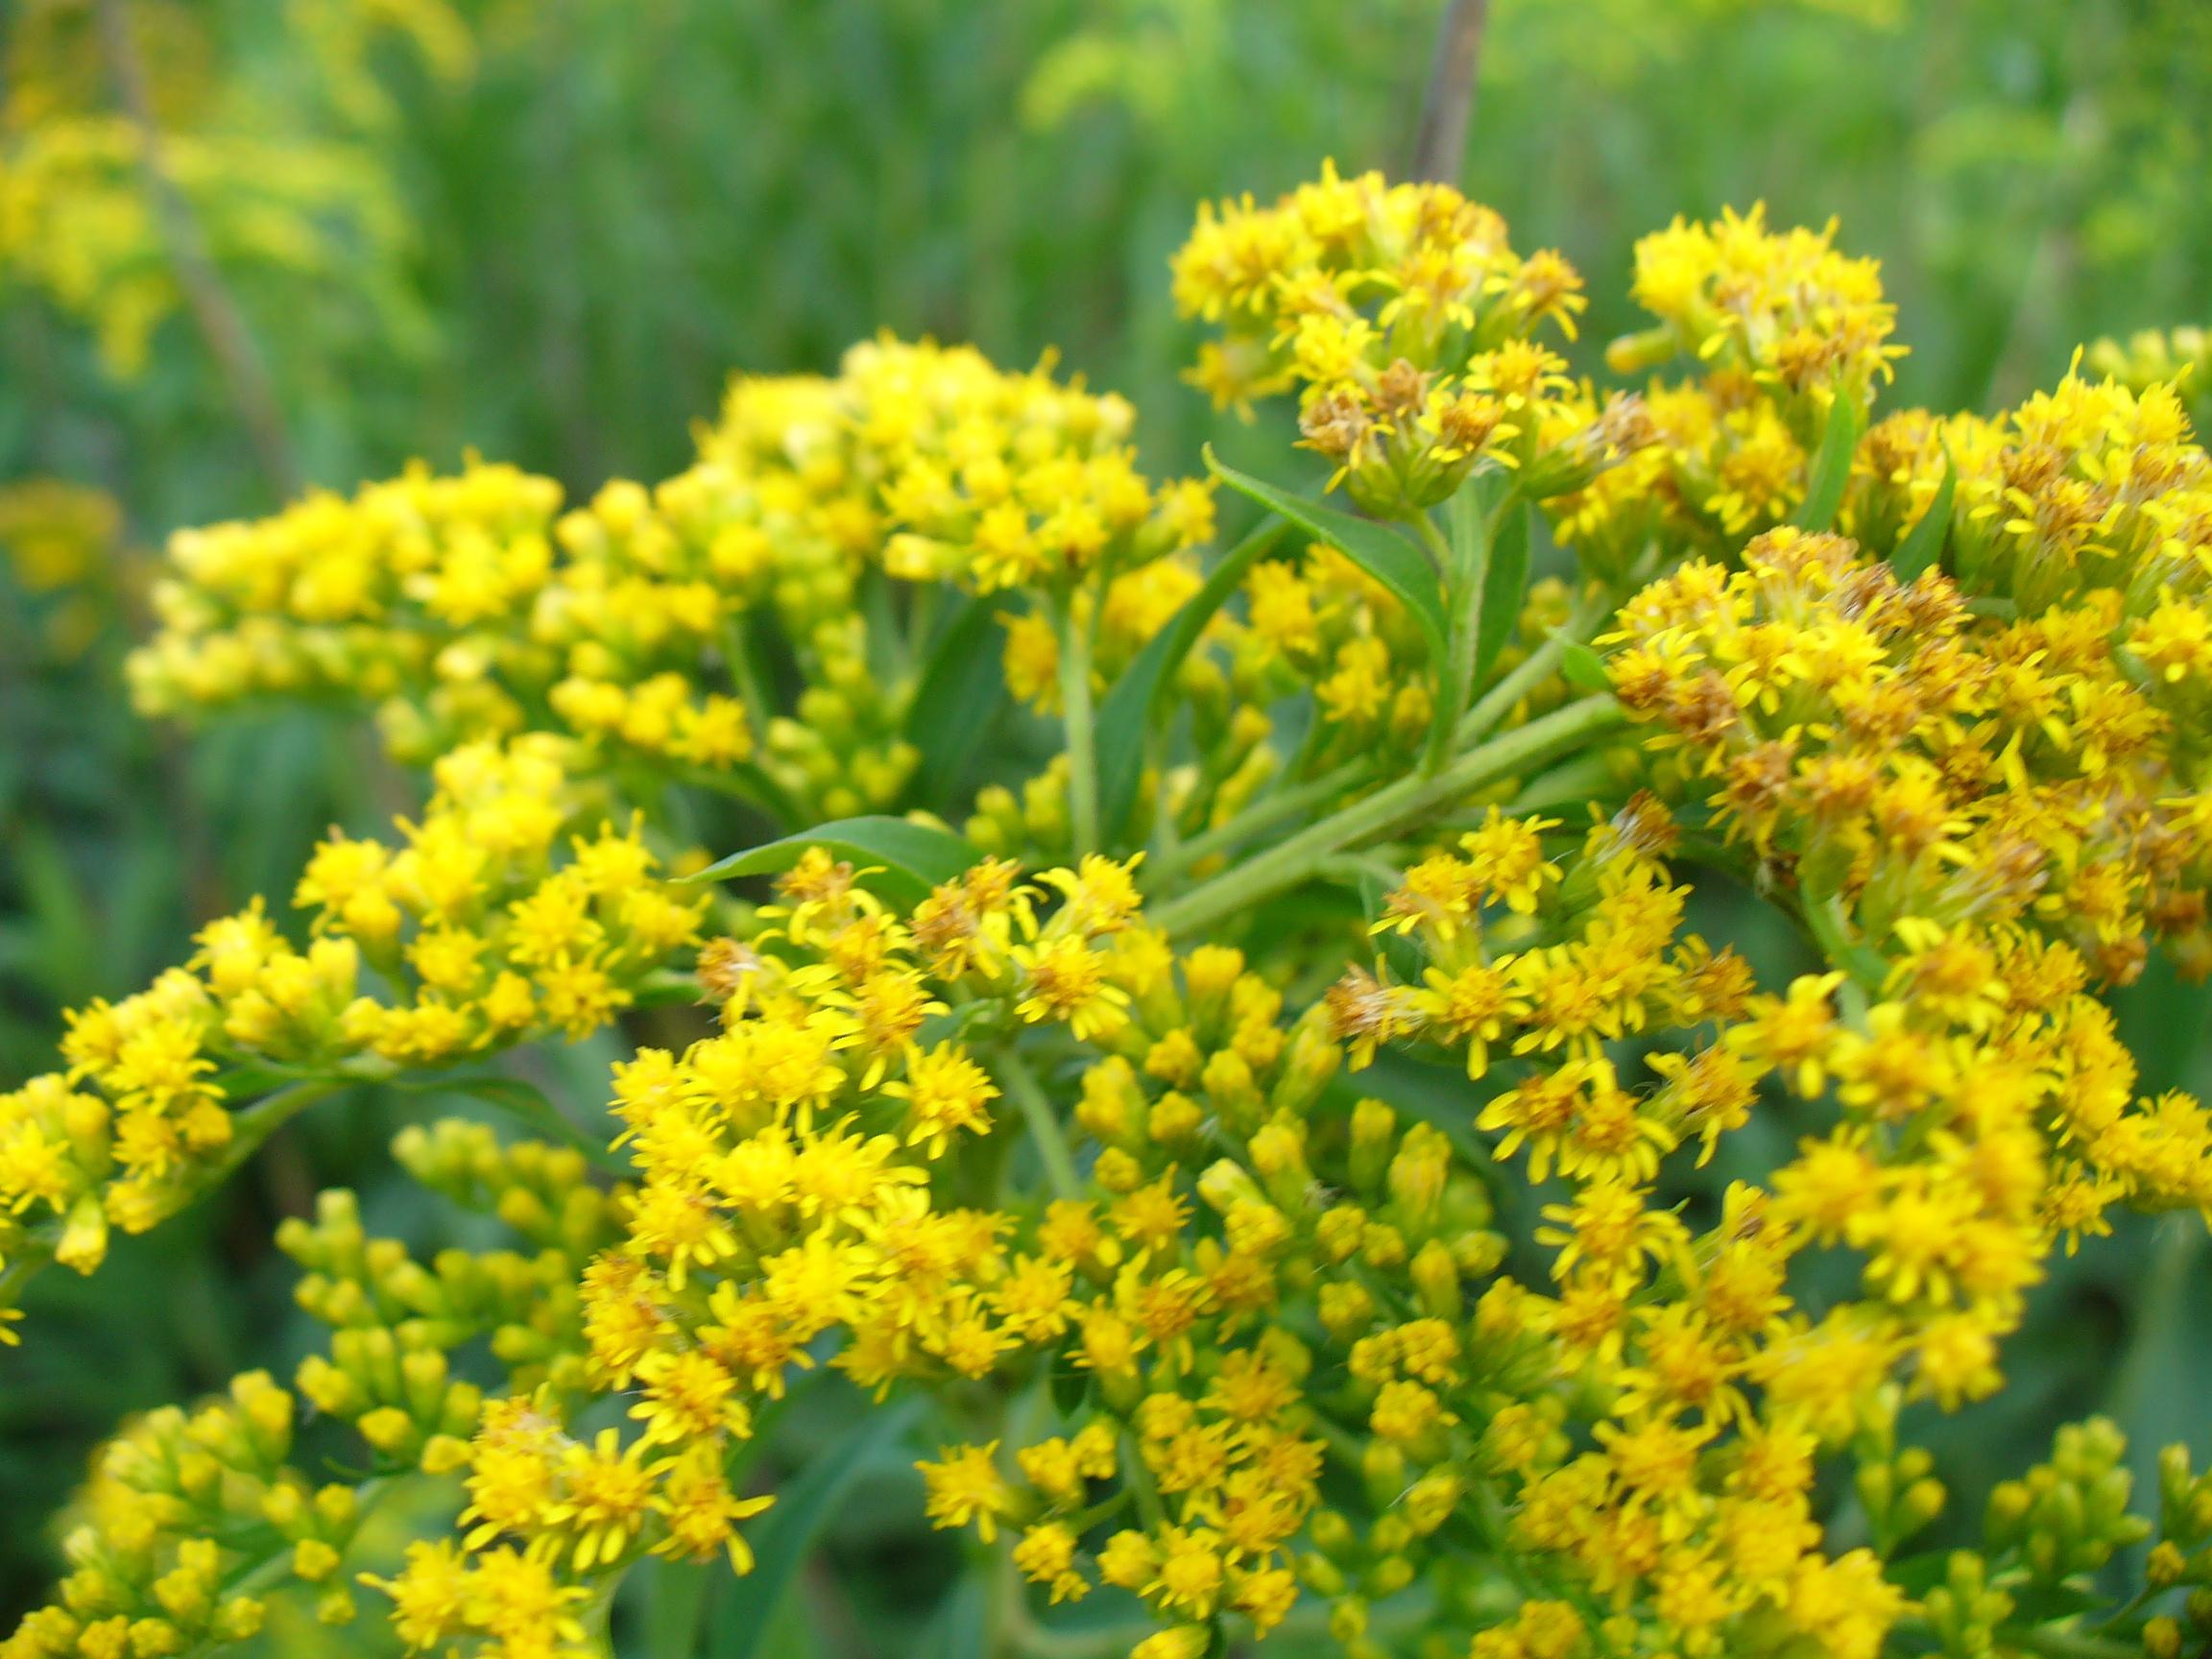 комплекты желтые соцветия у полевой травы фото коллегамфлористам